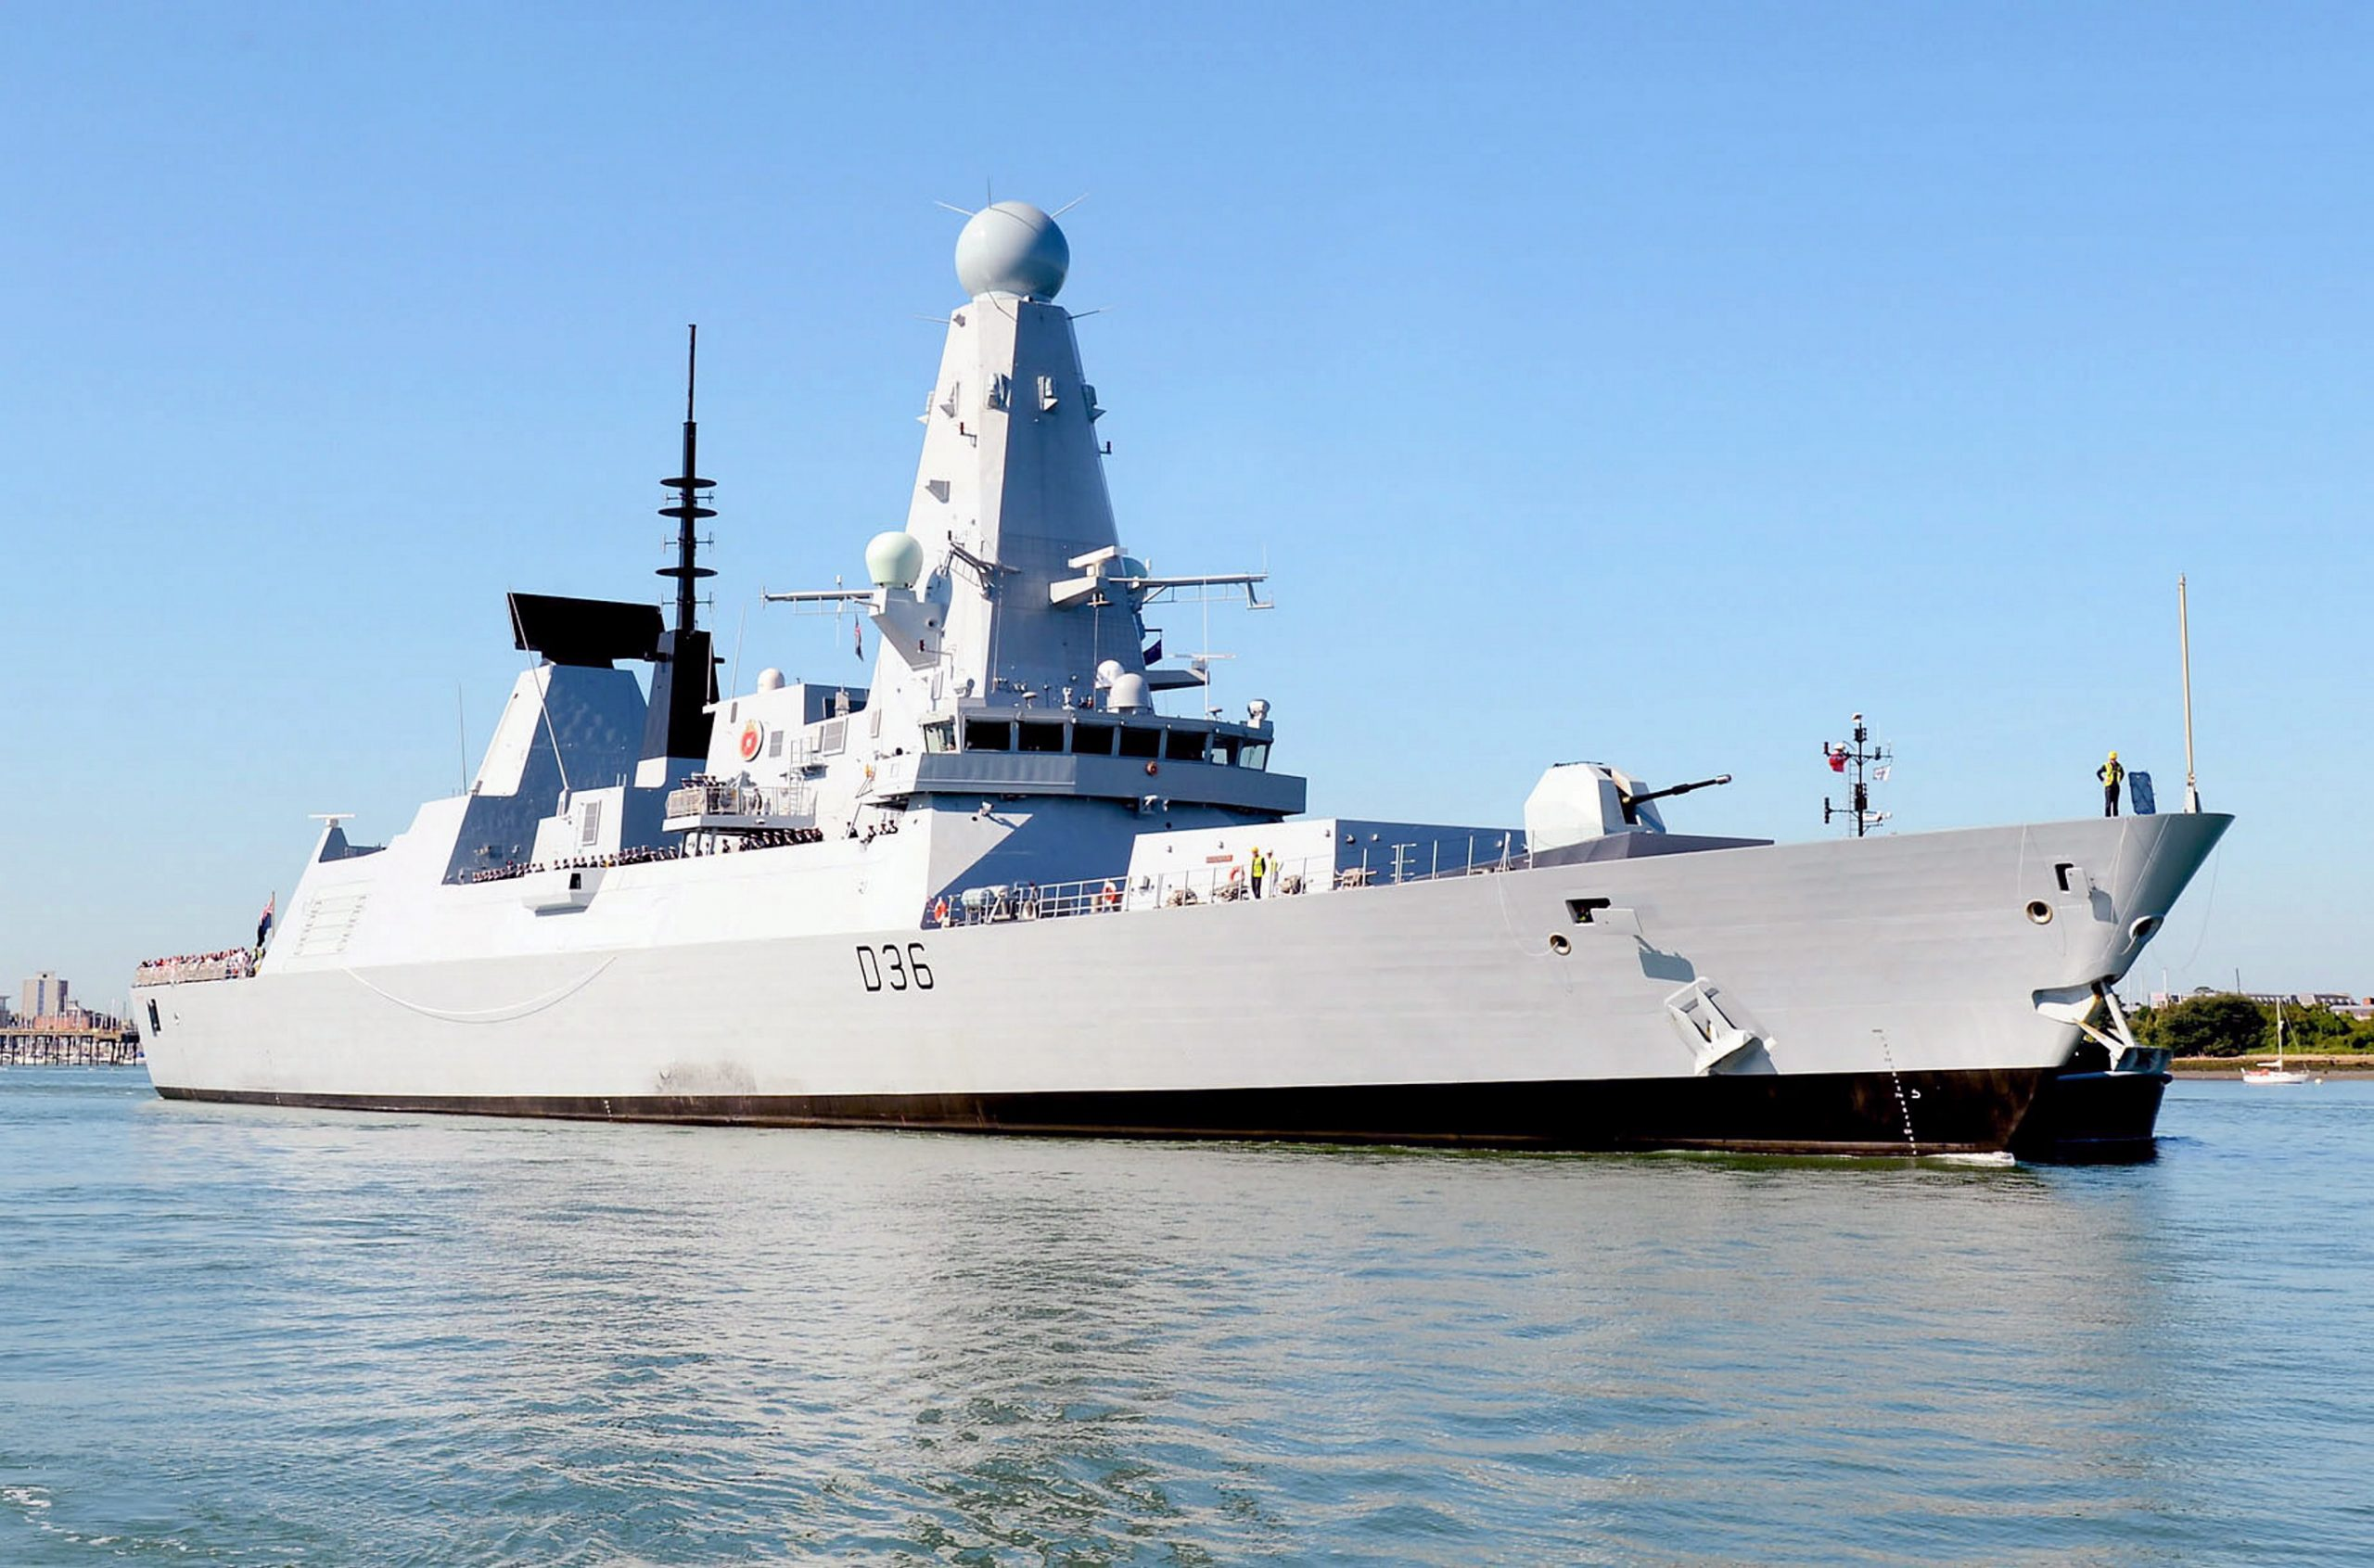 Россия и Британия не ведут переговоры об инциденте в Черном море – Песков